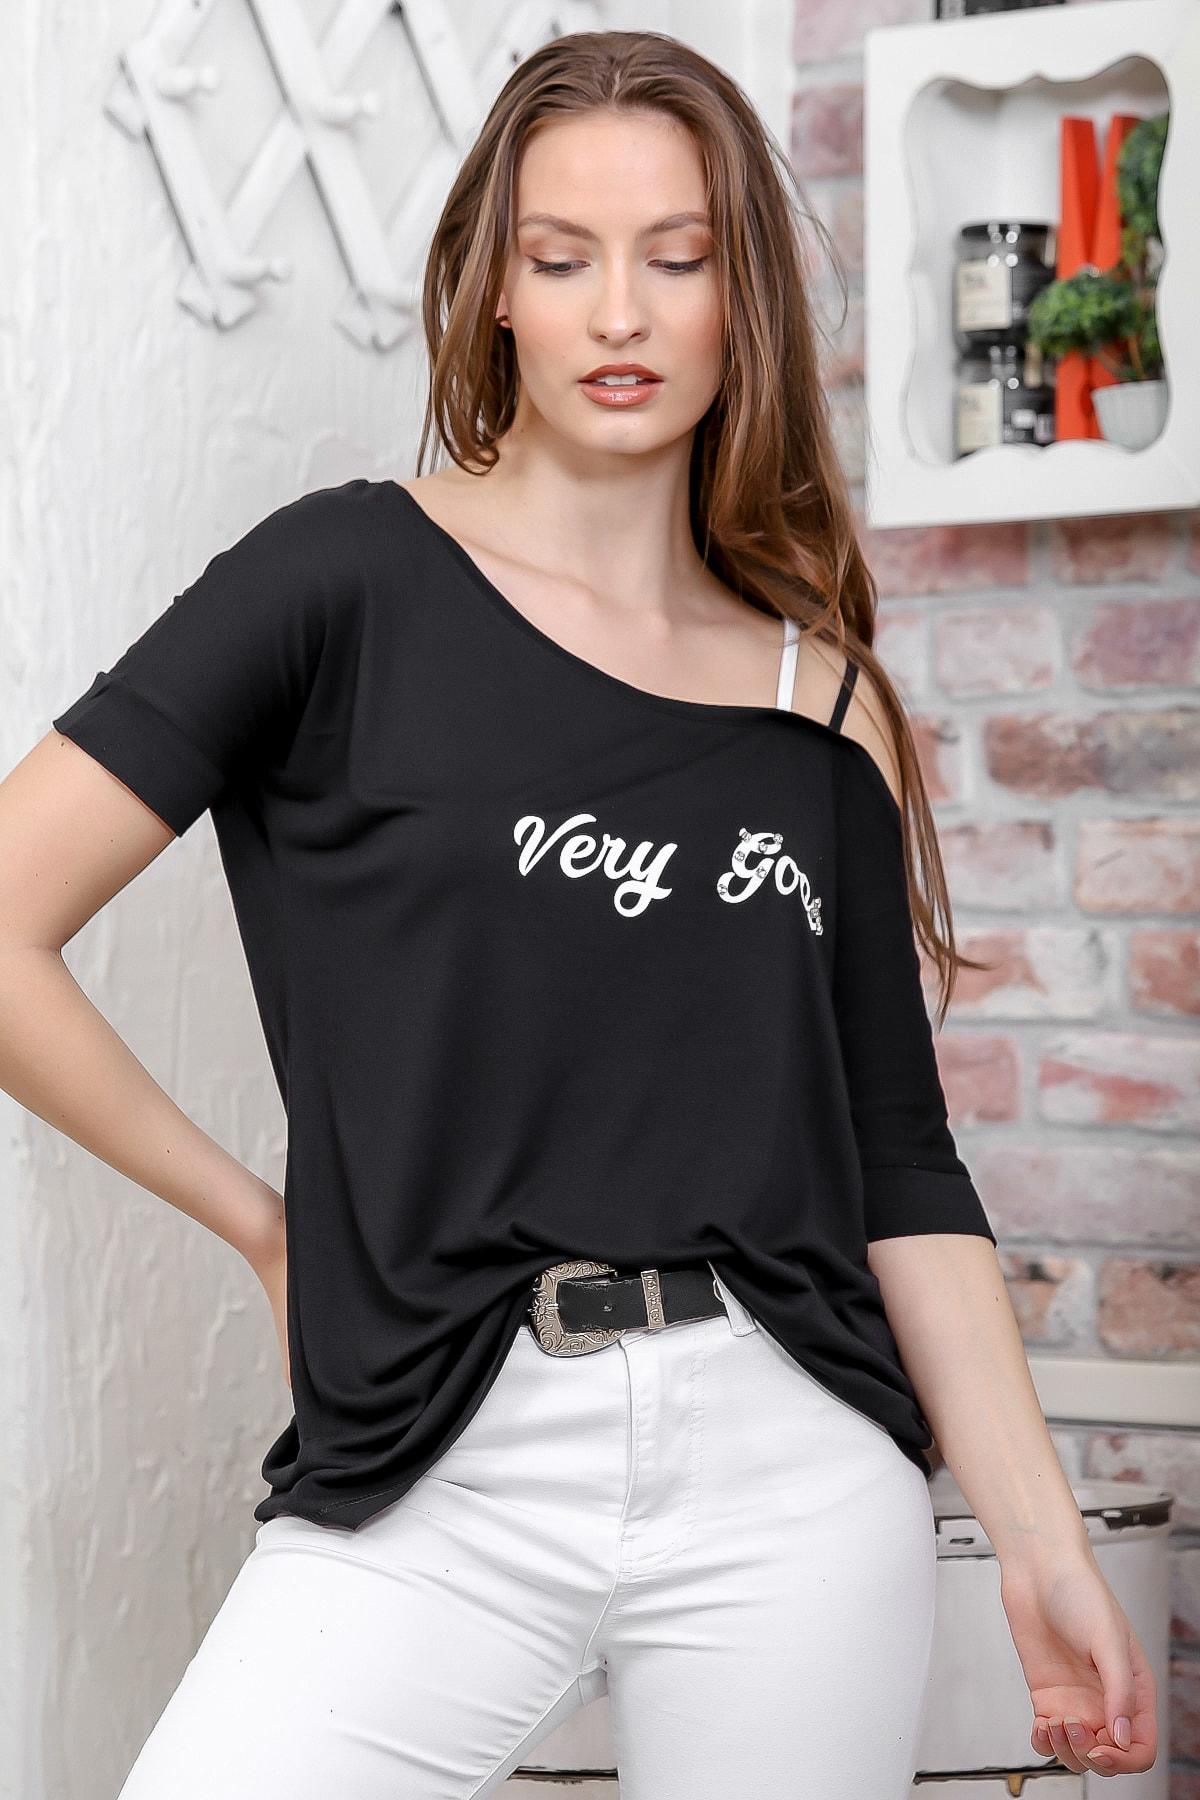 Chiccy Kadın Siyah Kayık Yaka Tek Omuz Askı Detaylı Salaş T-Shirt M10010300TS98262